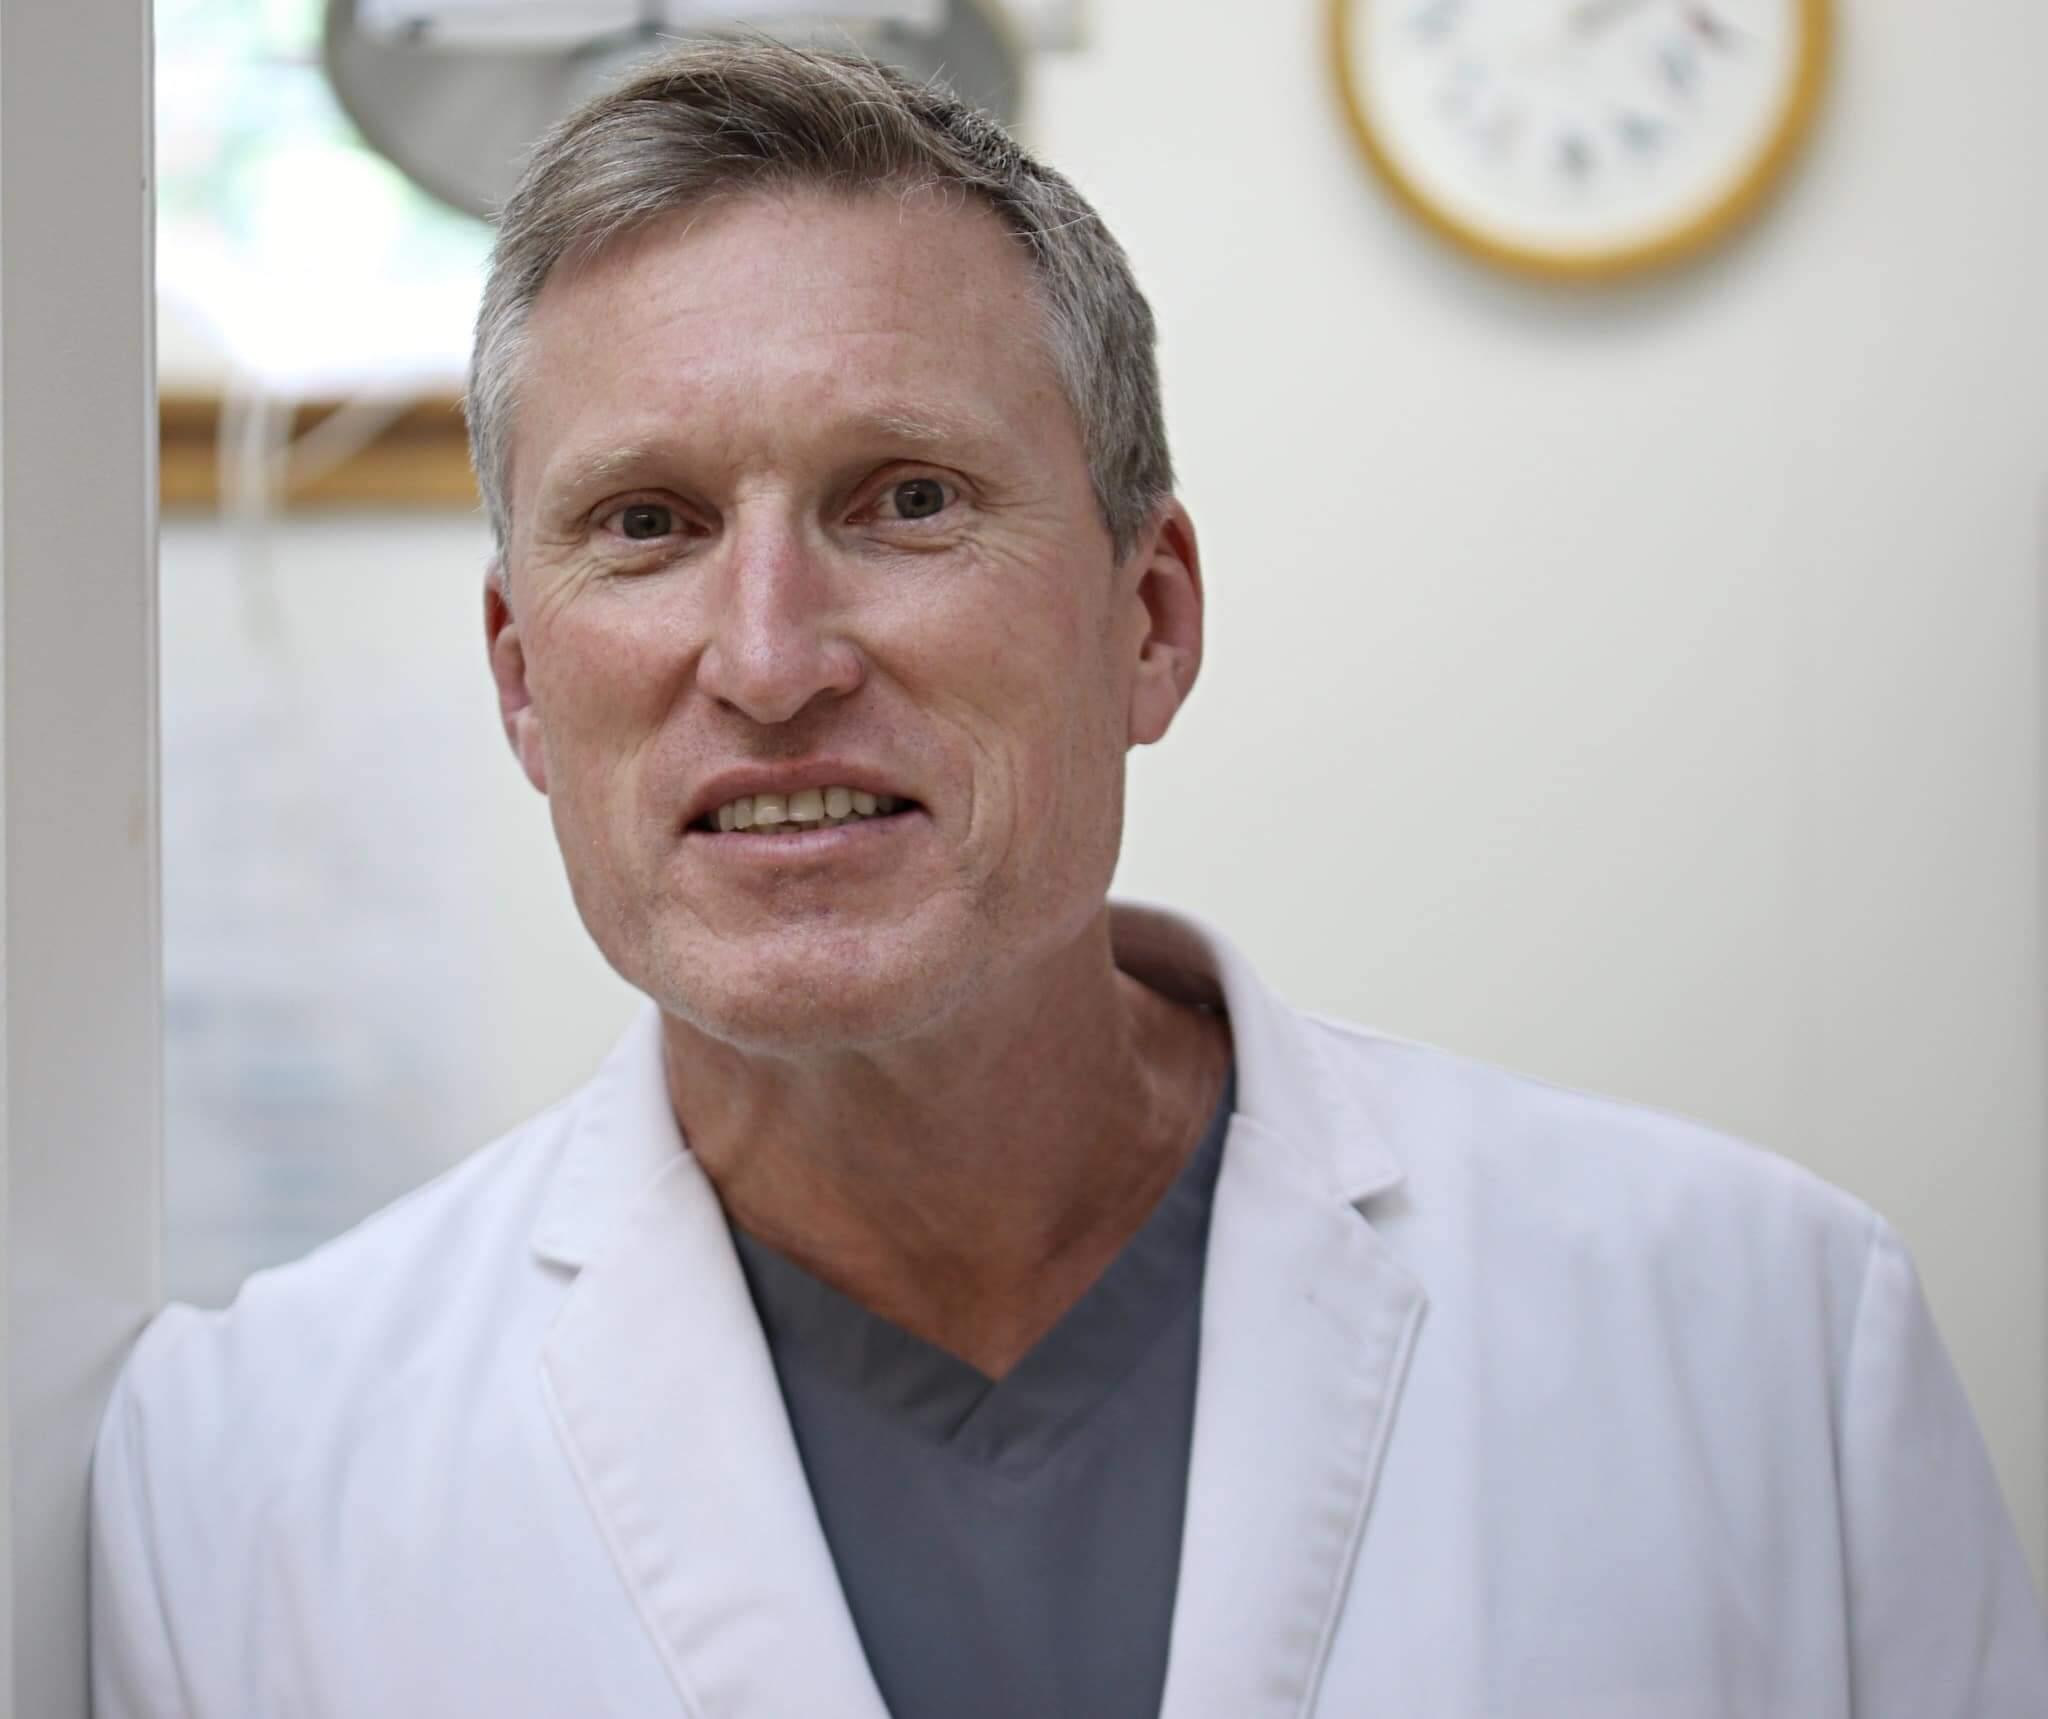 Dr. Jay Rowan